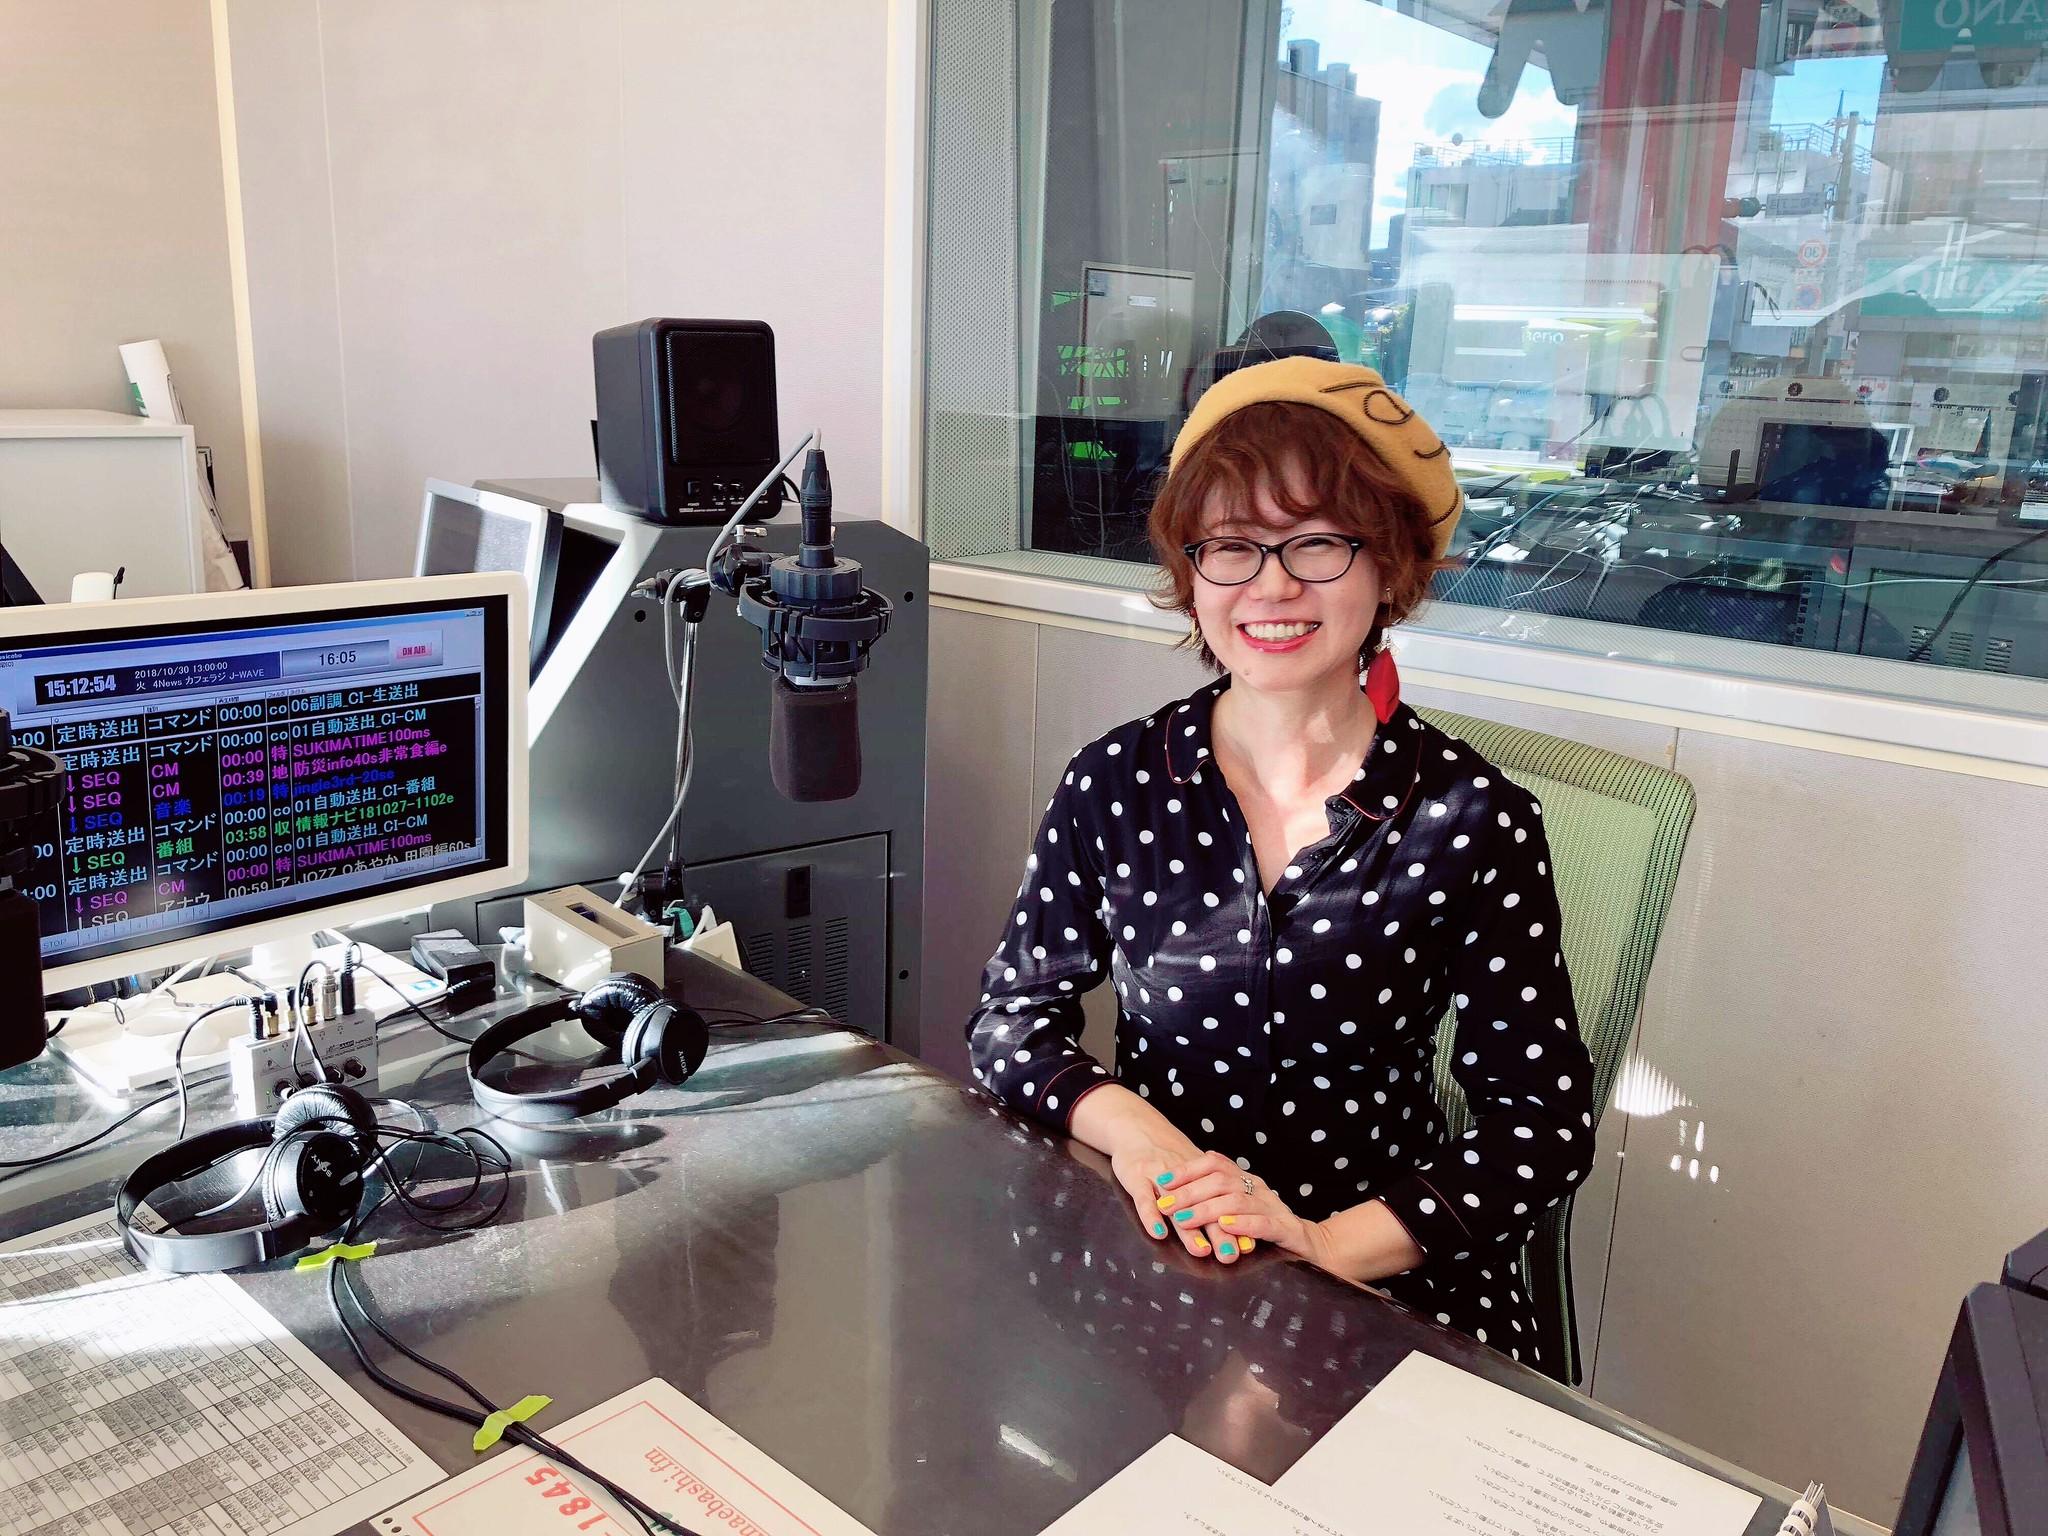 著者・山田クリーム、ラジオ番組にお邪魔してきました!